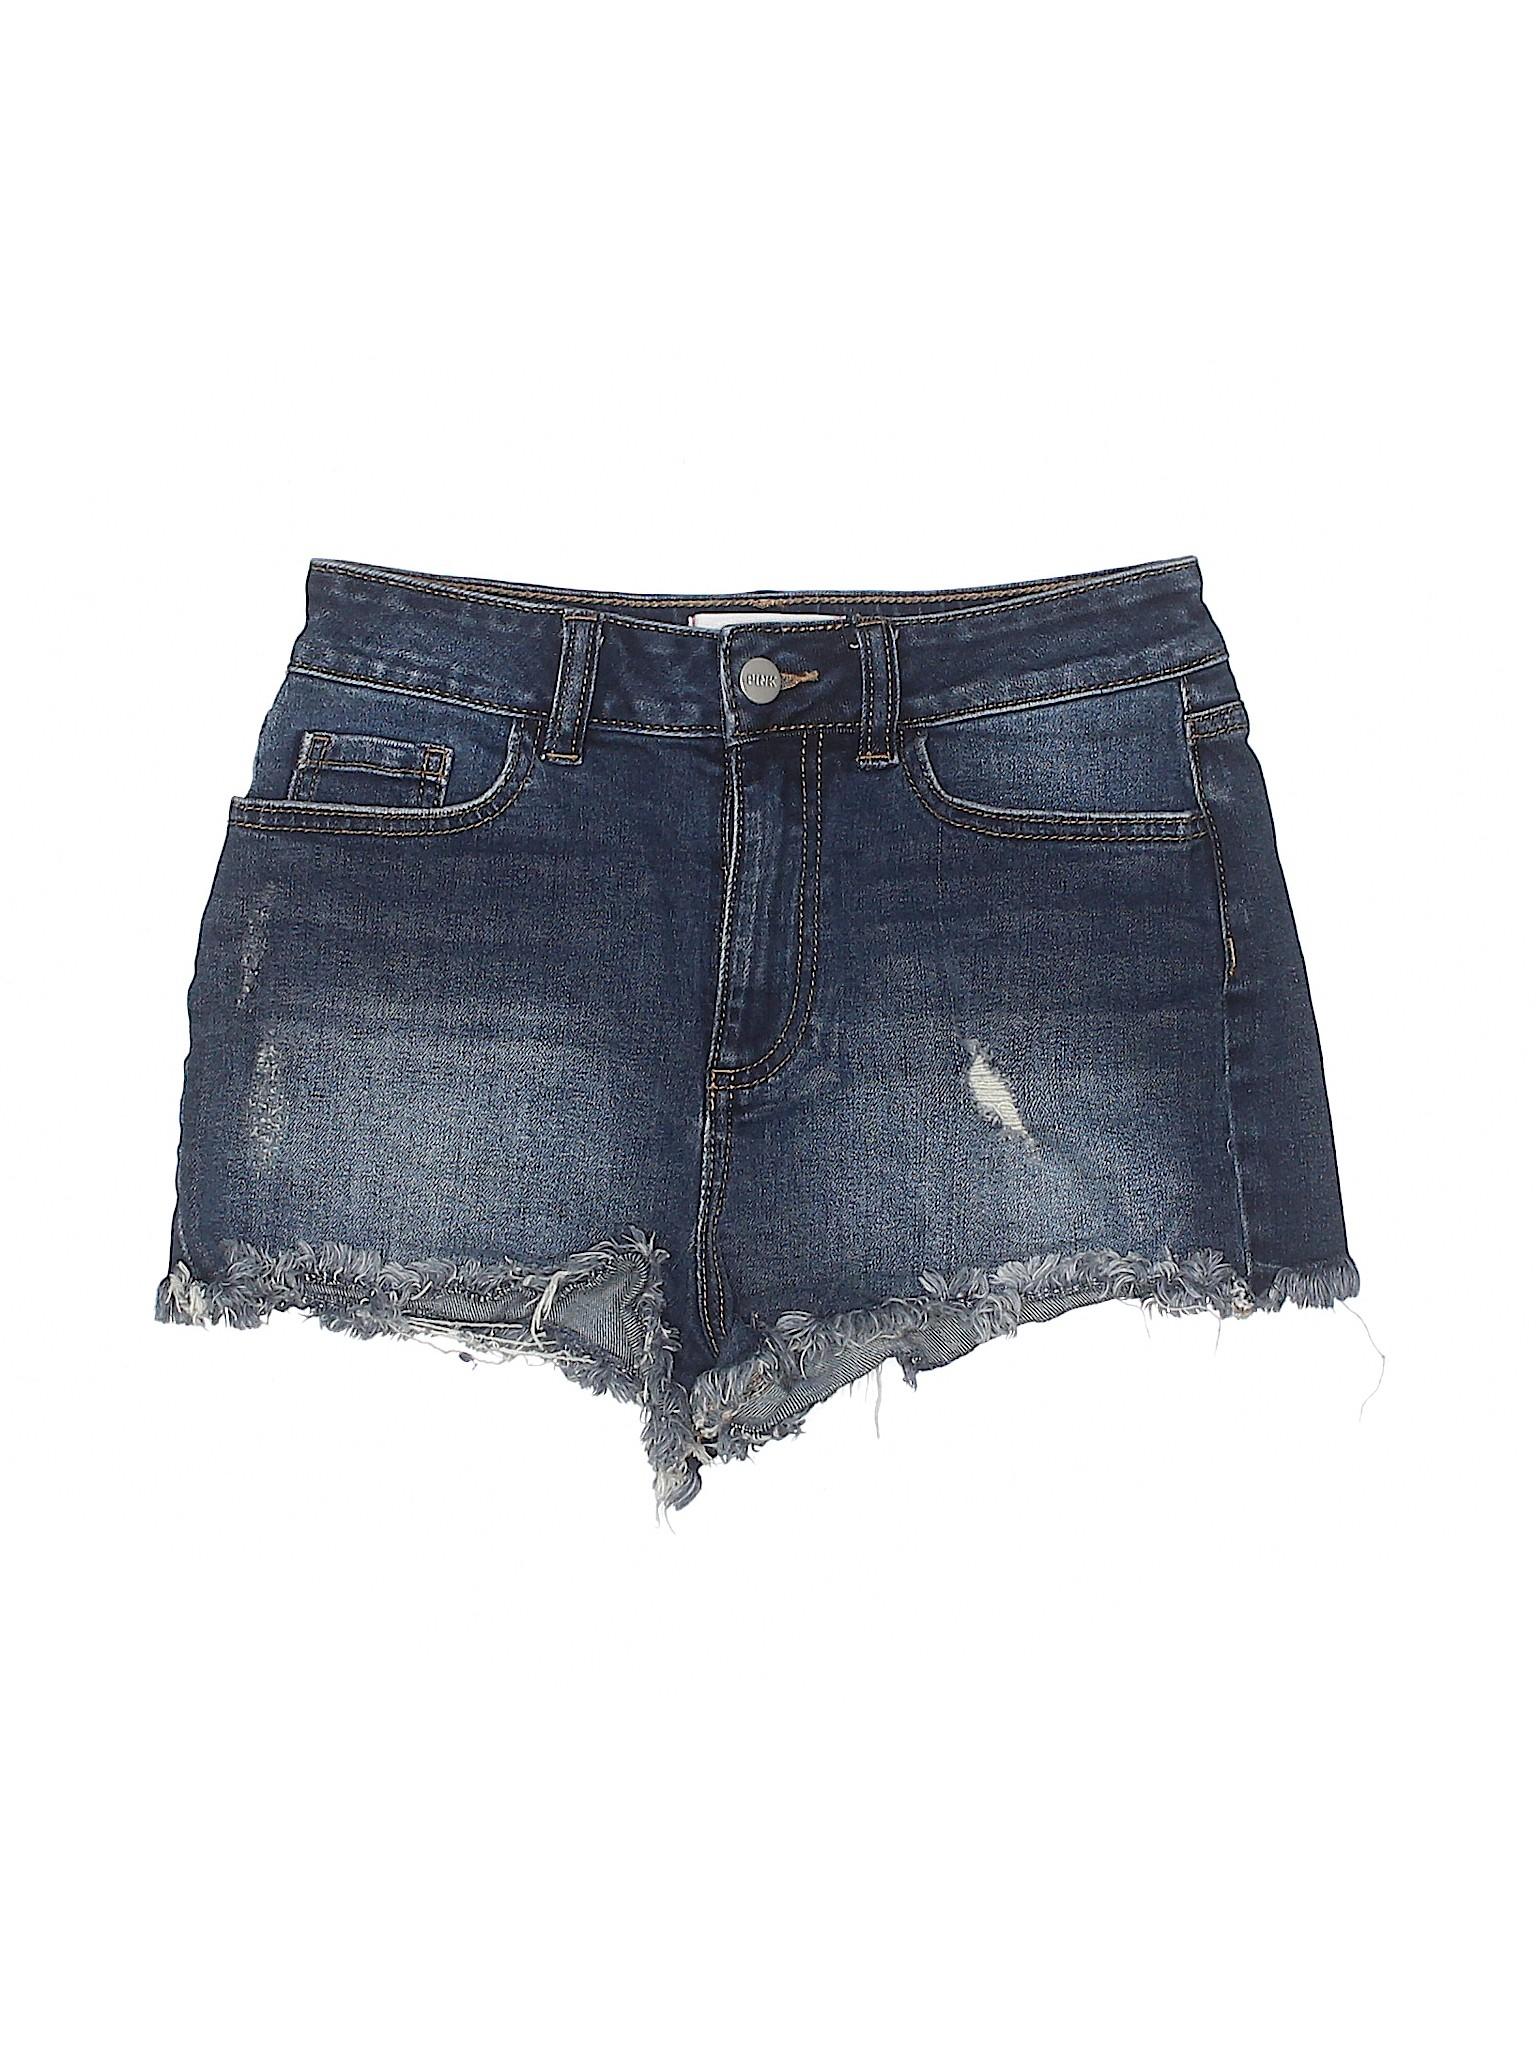 winter Leisure Victoria's Pink Secret Shorts Denim 1q7wFqf